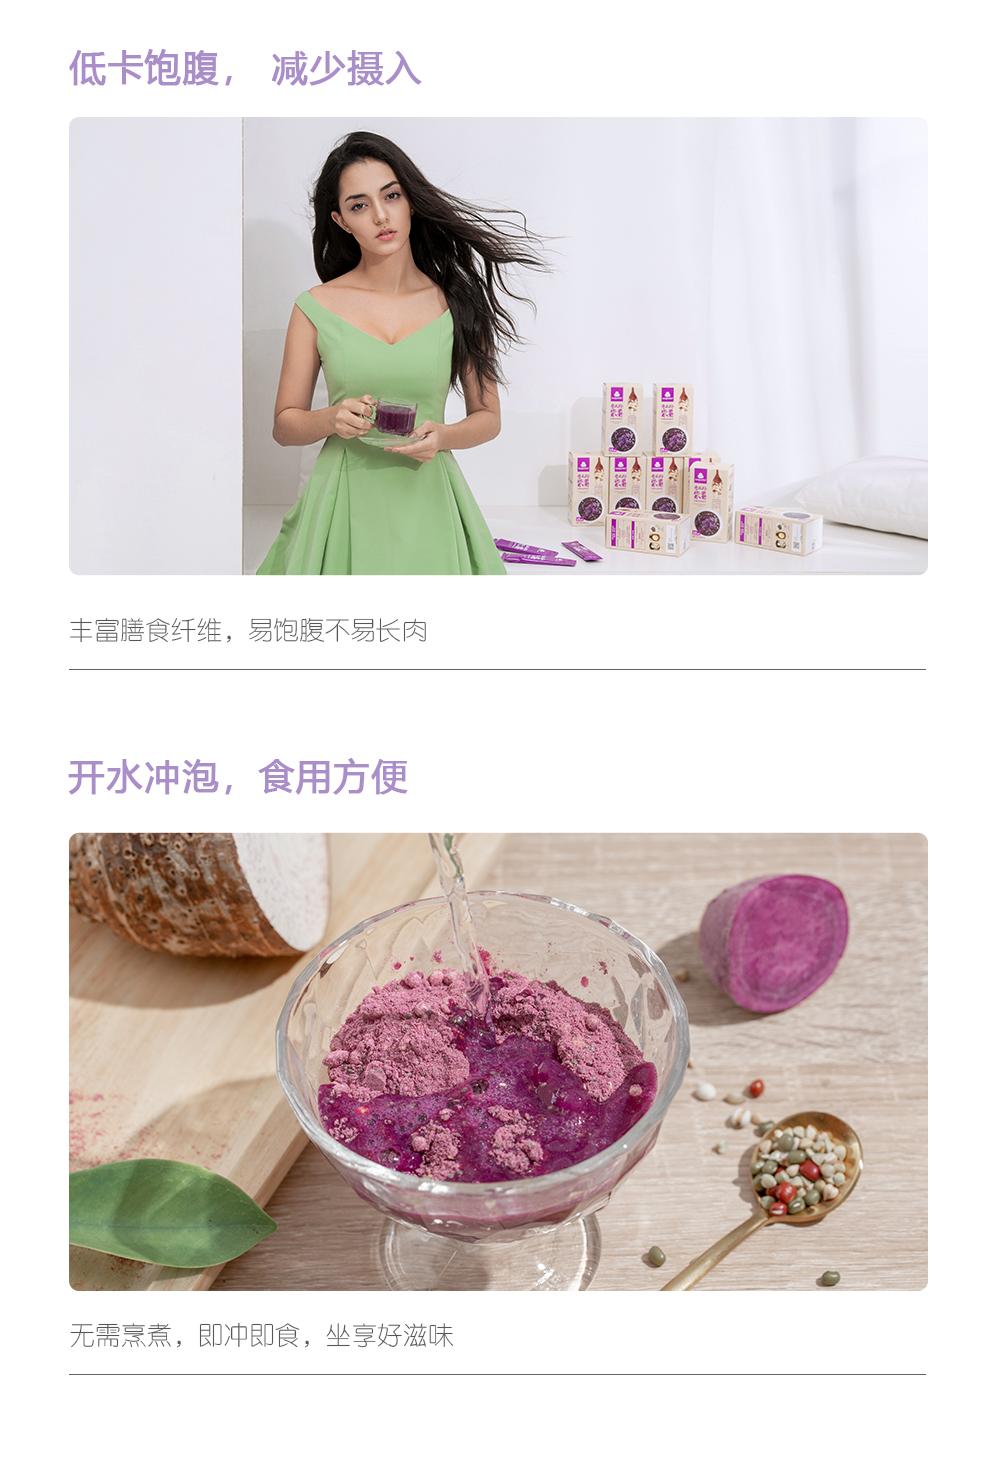 紫薯代餐---官网_05